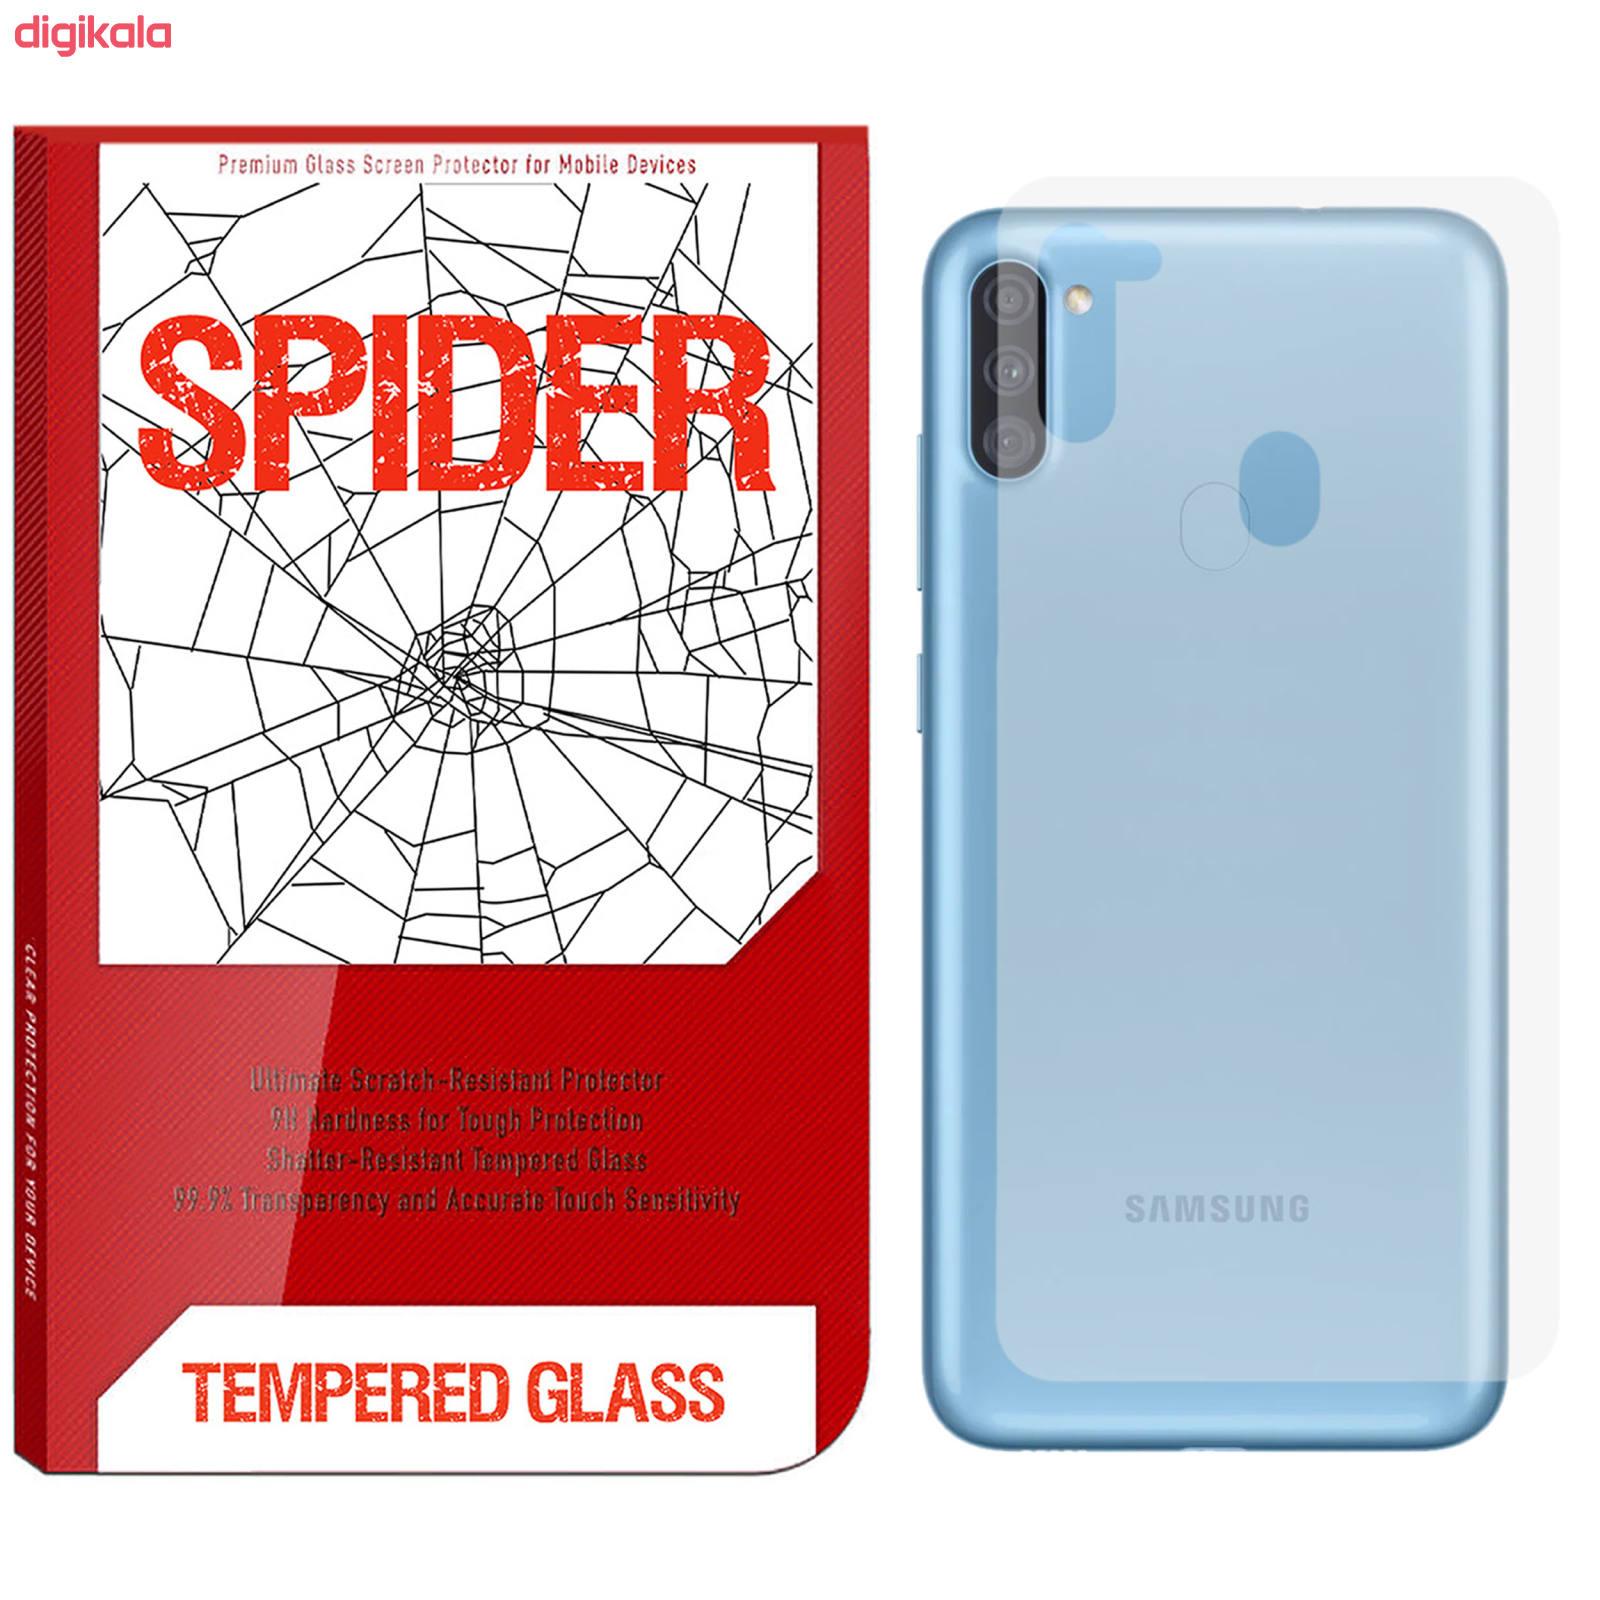 محافظ پشت گوشی اسپایدر مدل TPS-01 مناسب برای گوشی موبایل سامسونگ Galaxy A11 main 1 1